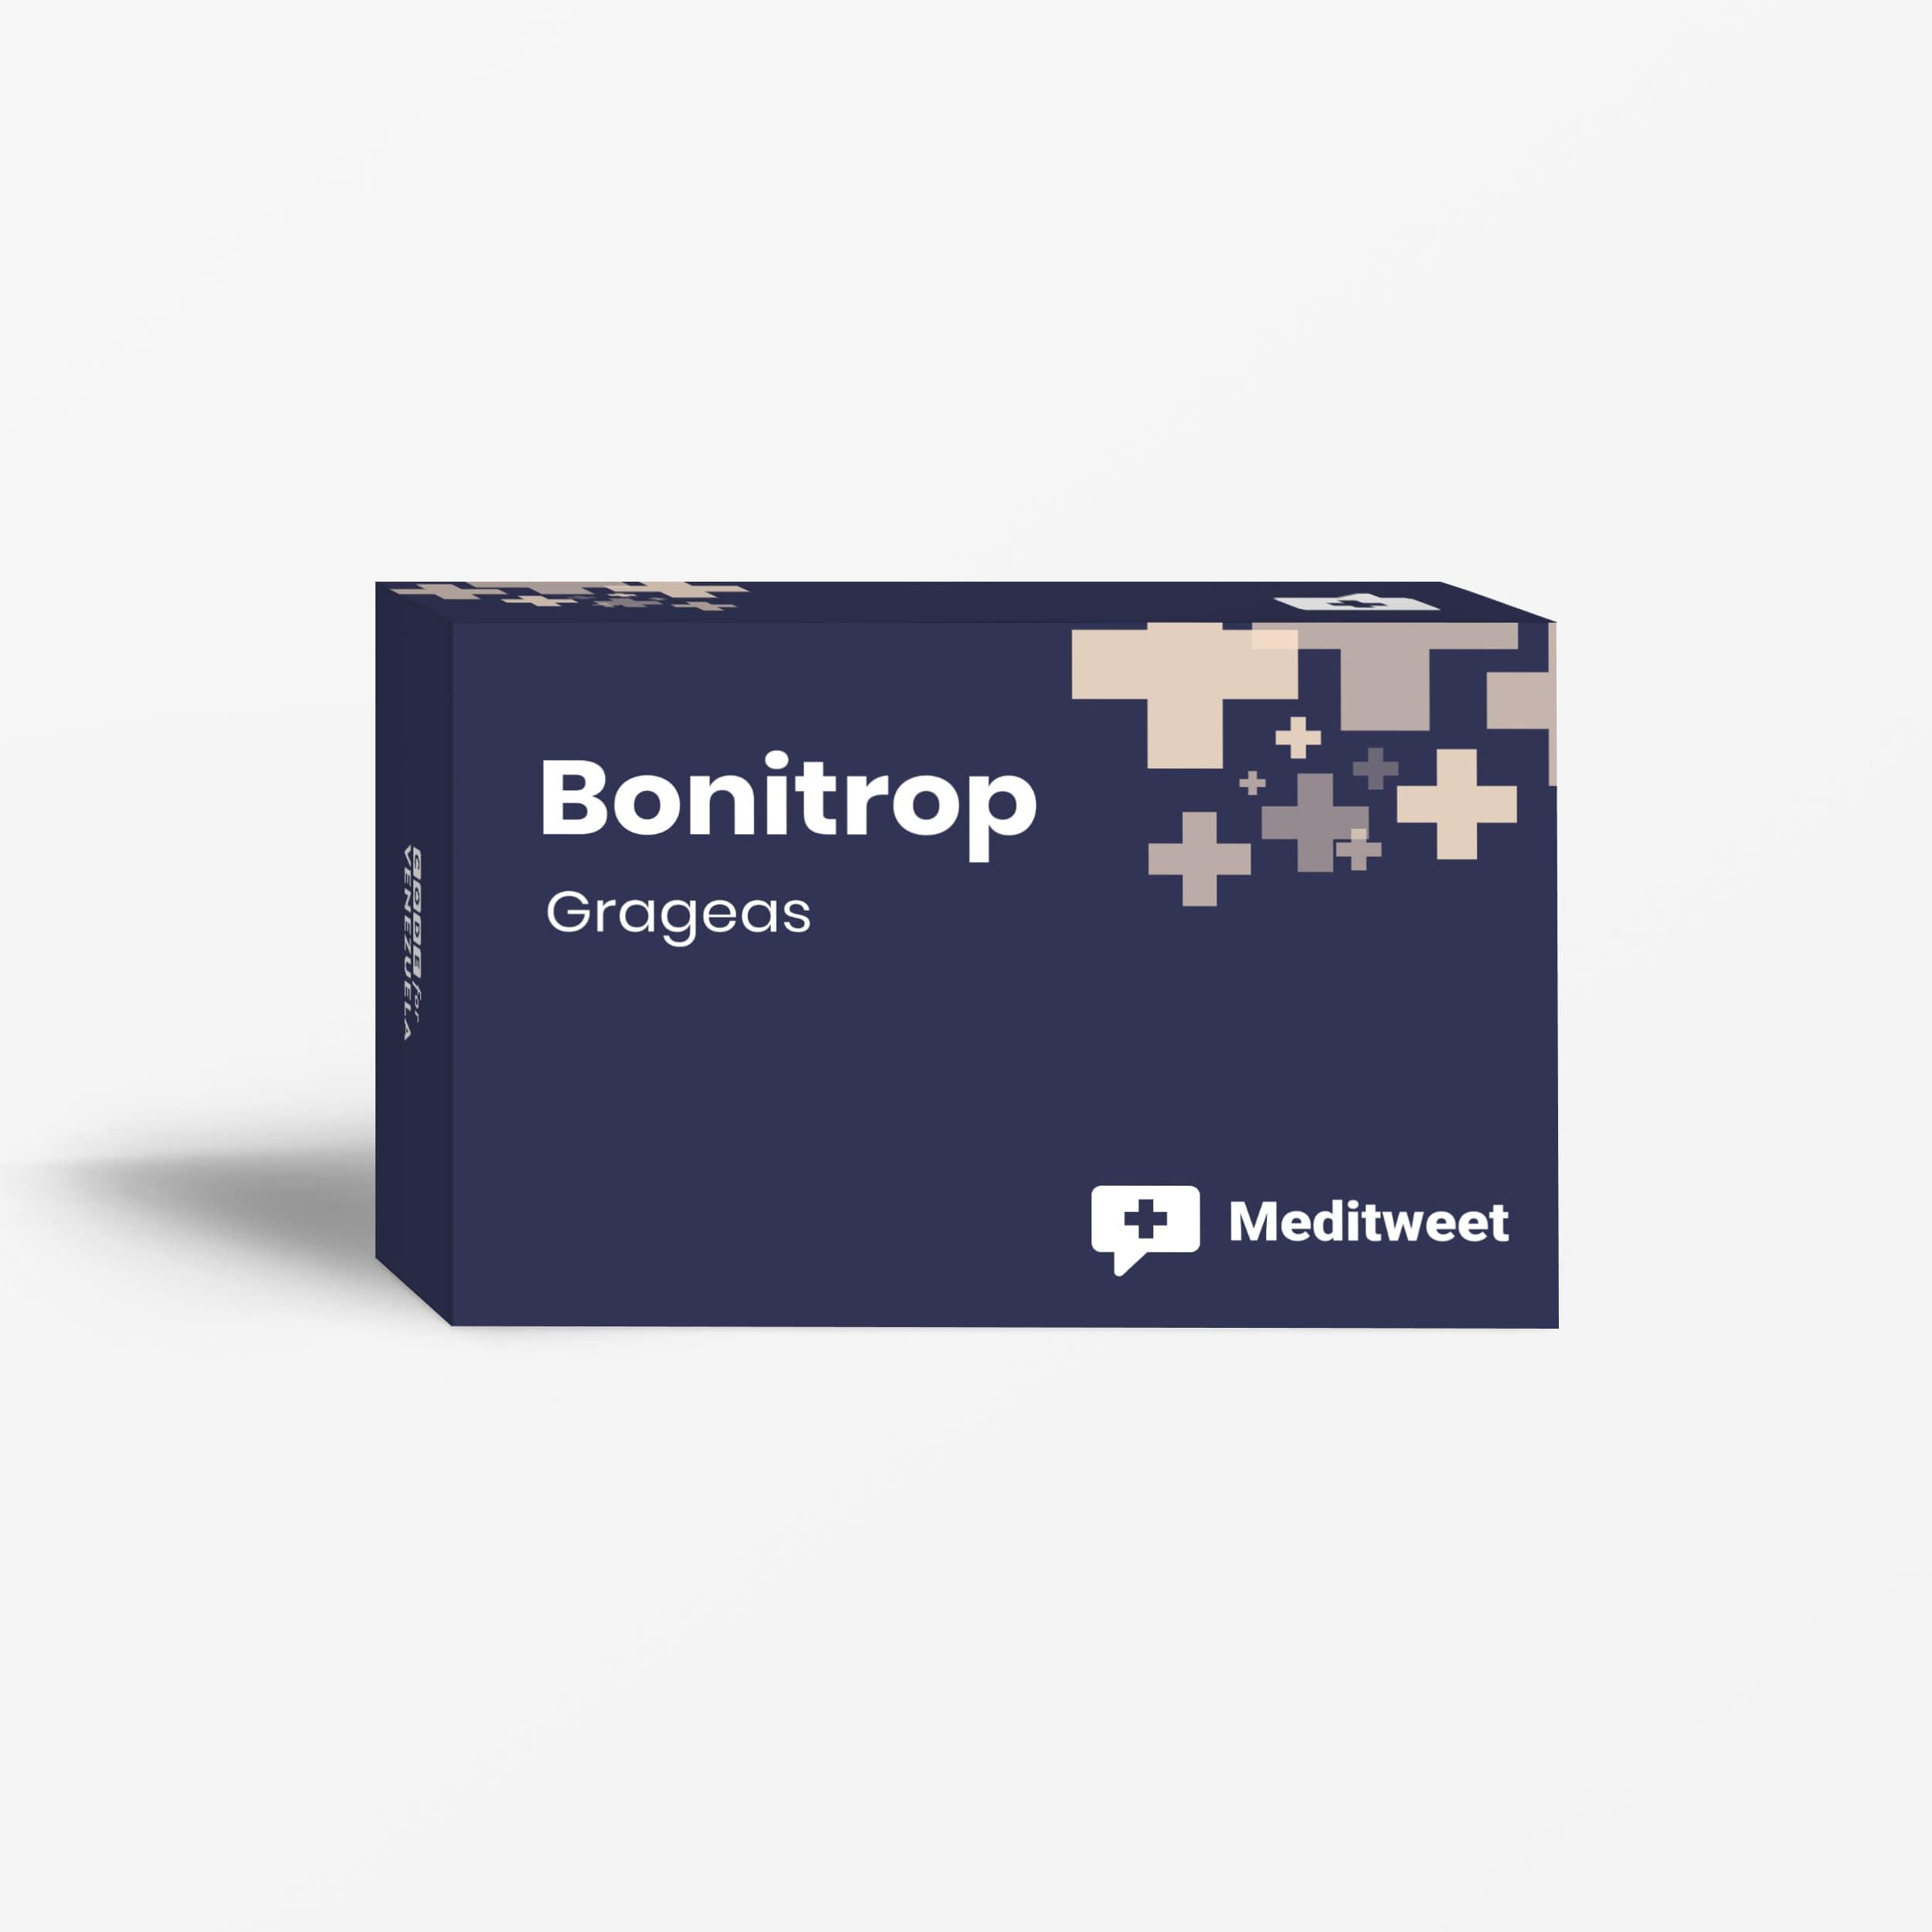 Bonitrop: qué es, para qué sirve y dónde conseguirlo